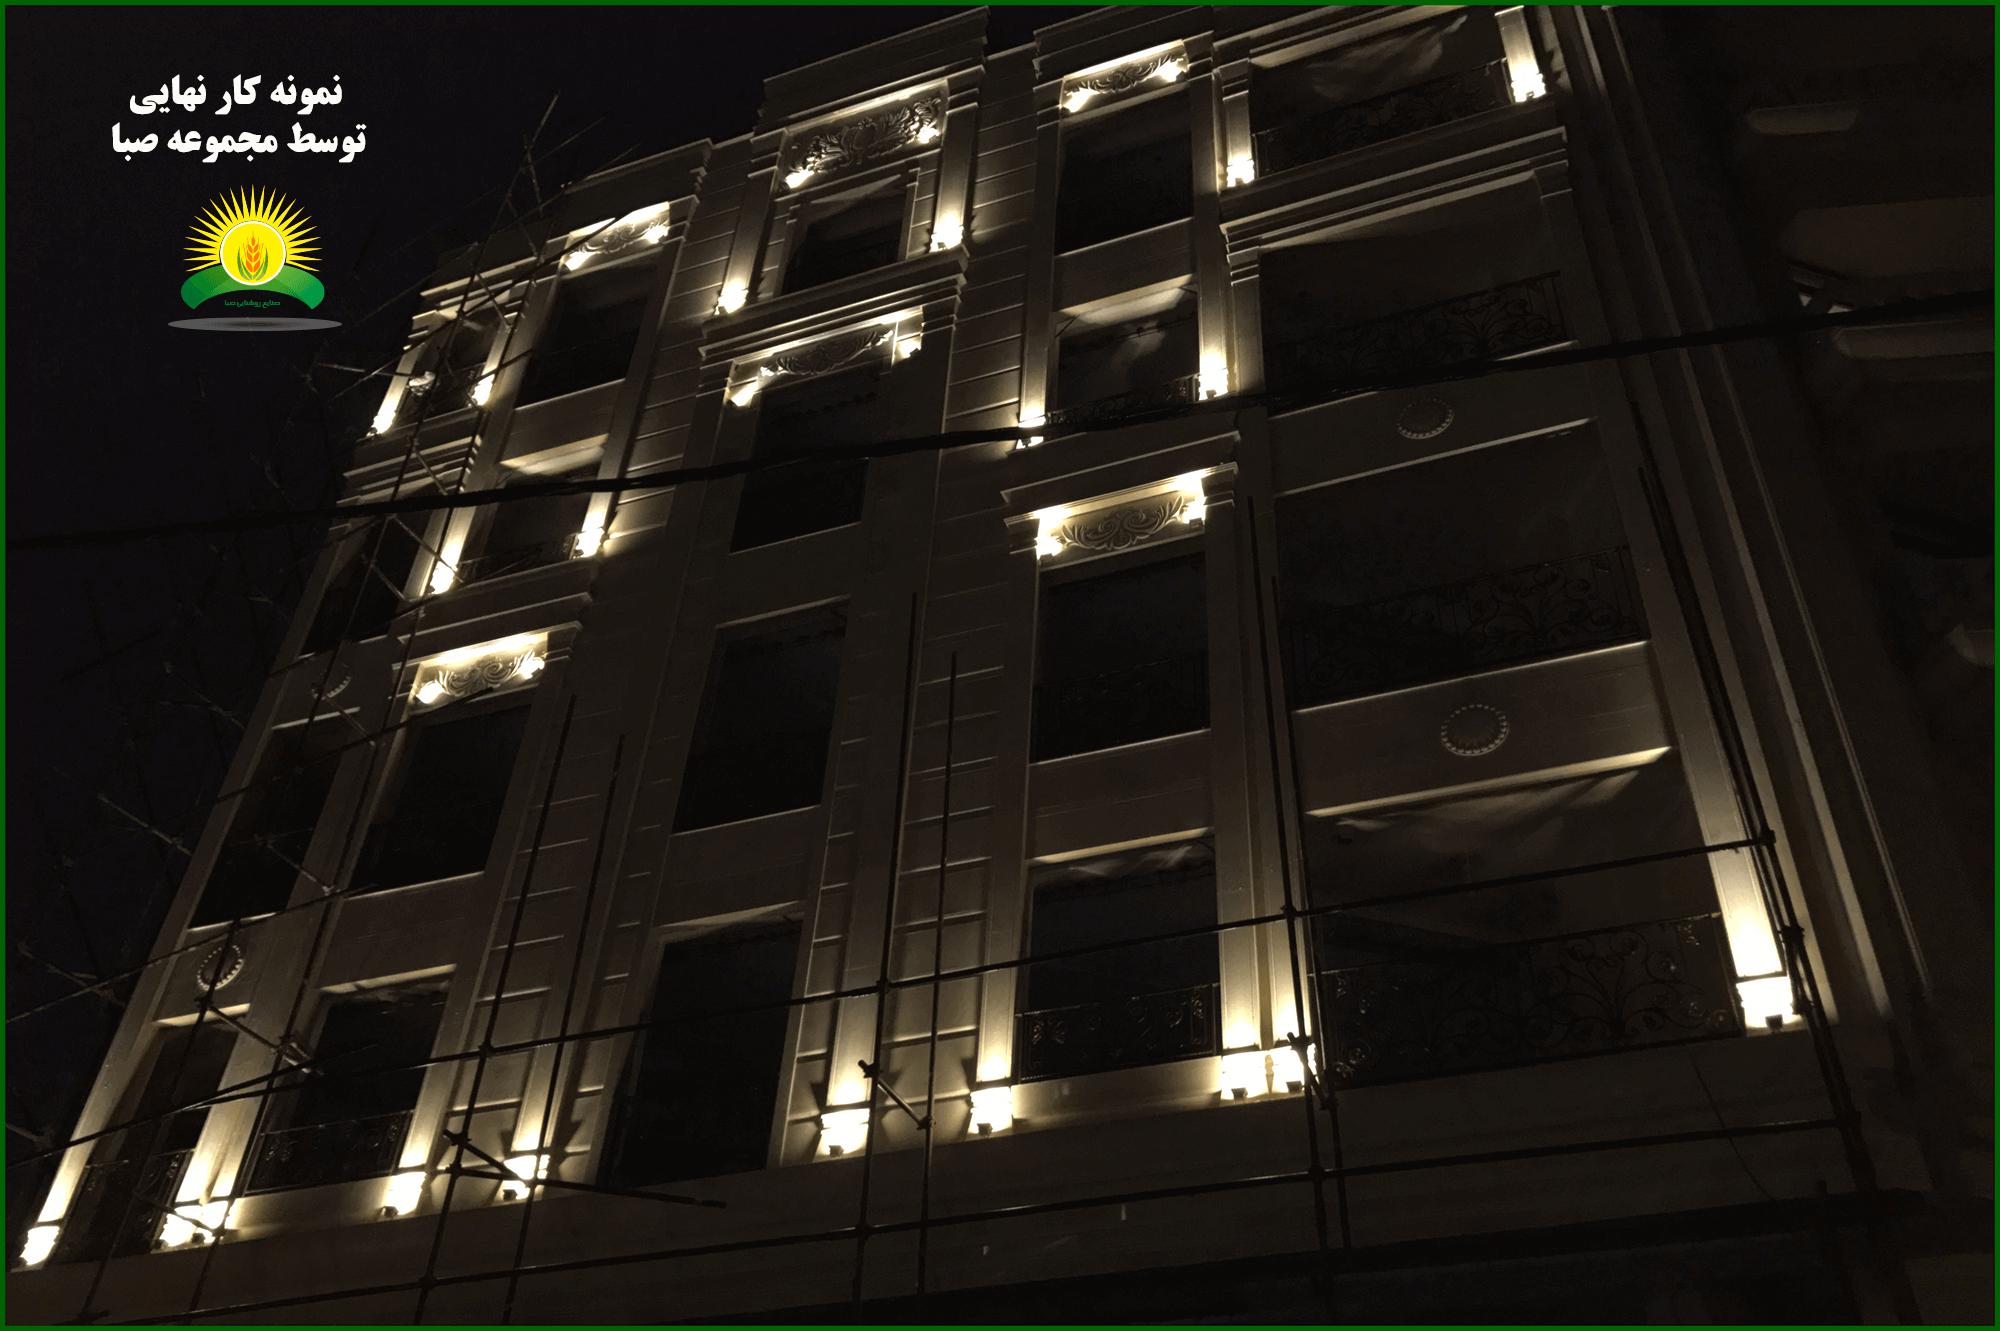 نورپردازی مجتمع مسکونی